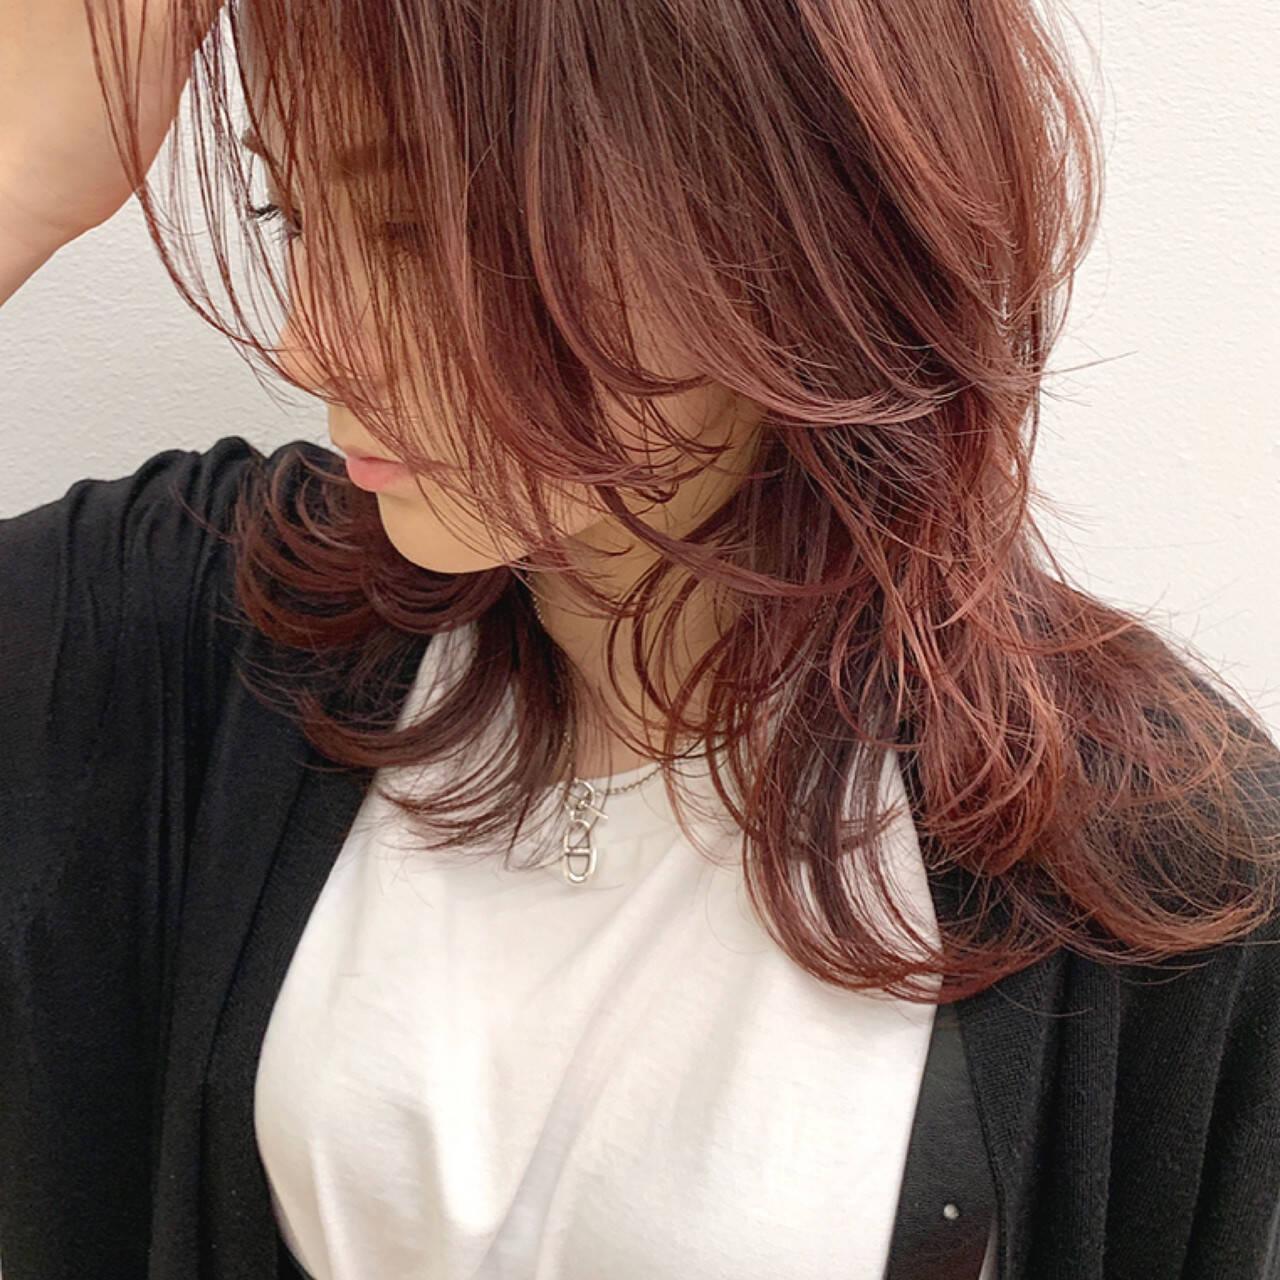 ウルフカット ミディアム ネオウルフ ウルフヘアスタイルや髪型の写真・画像